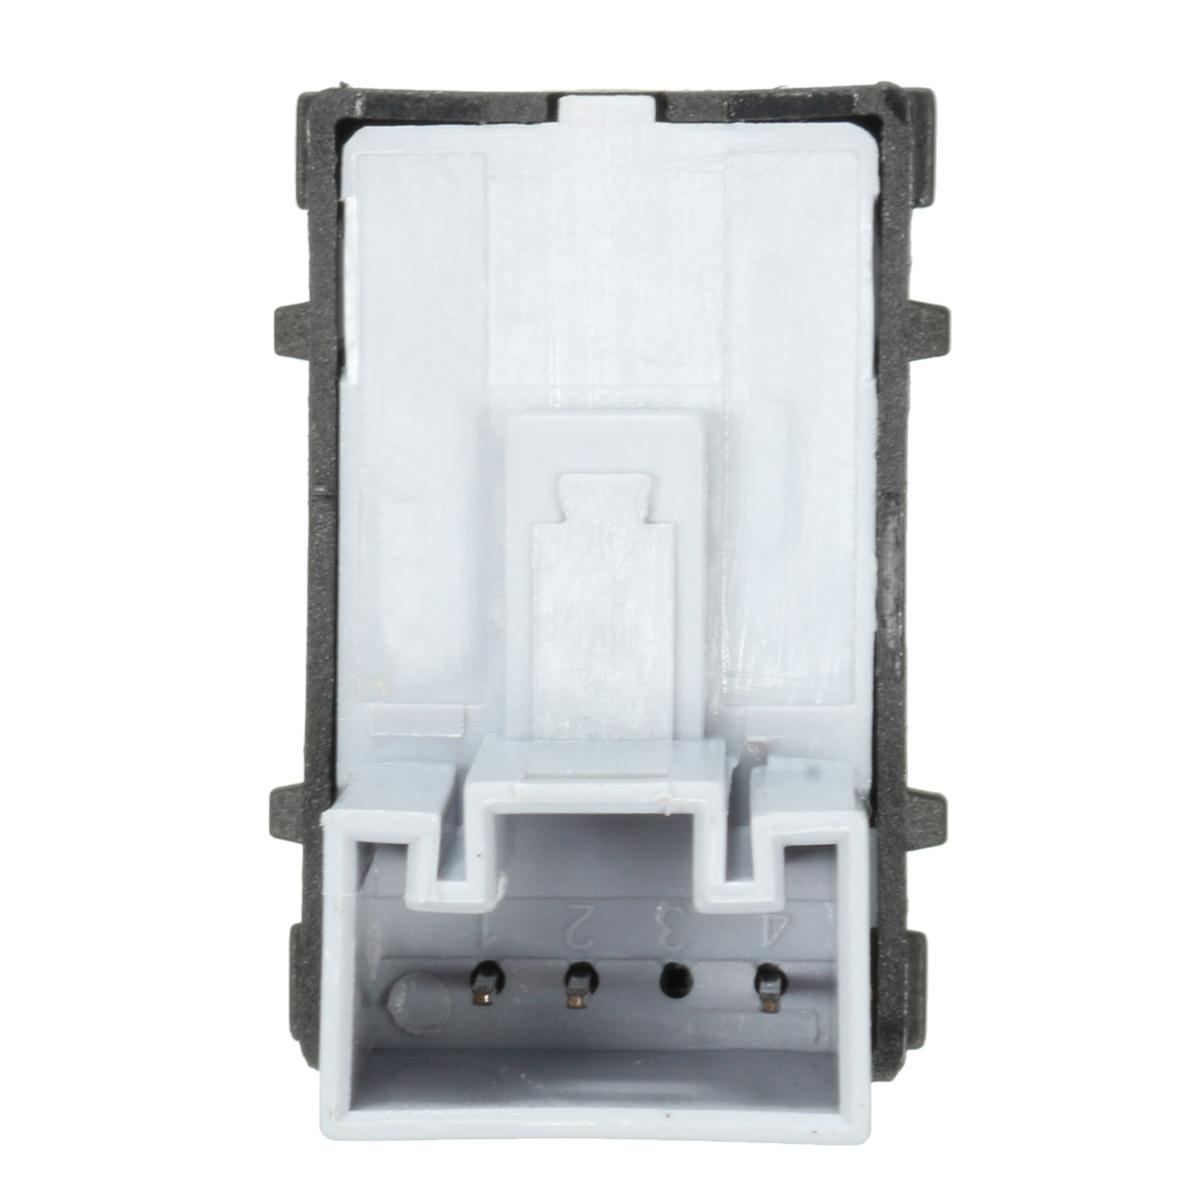 Electric Power Window Switch For Skoda Fabia Octavia Superb